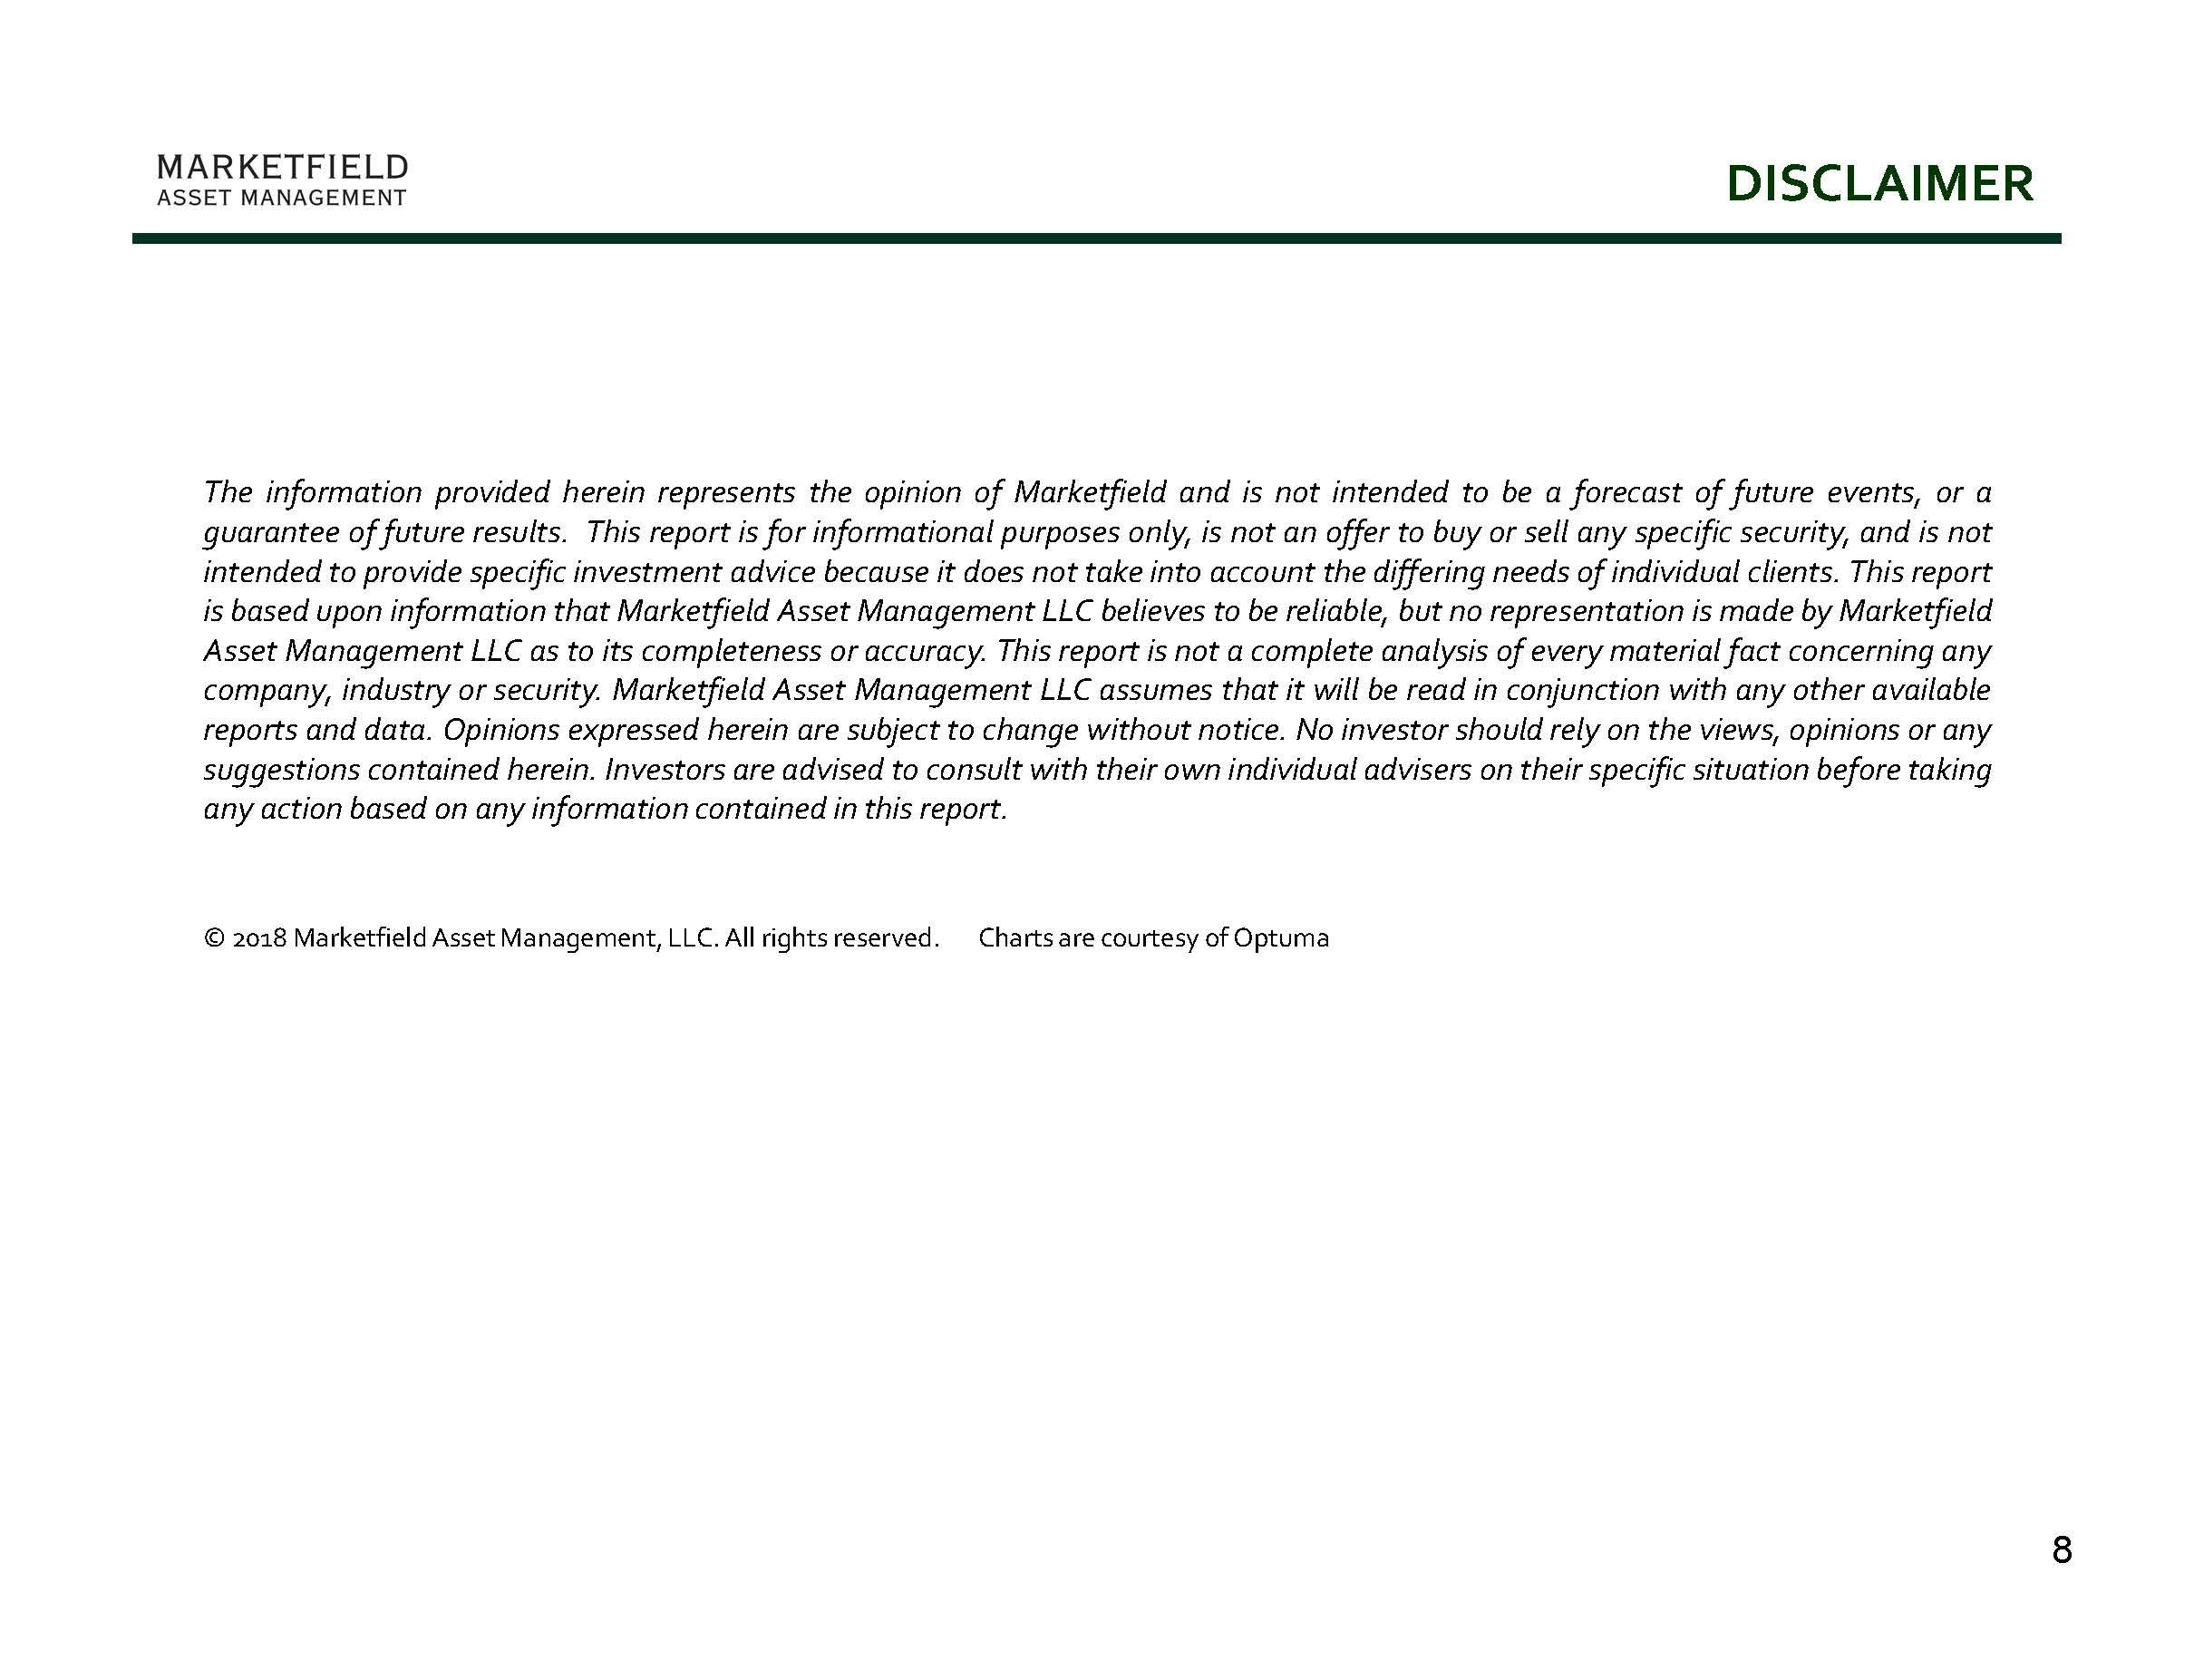 11-19-18_DM ETF_Page_8.jpg